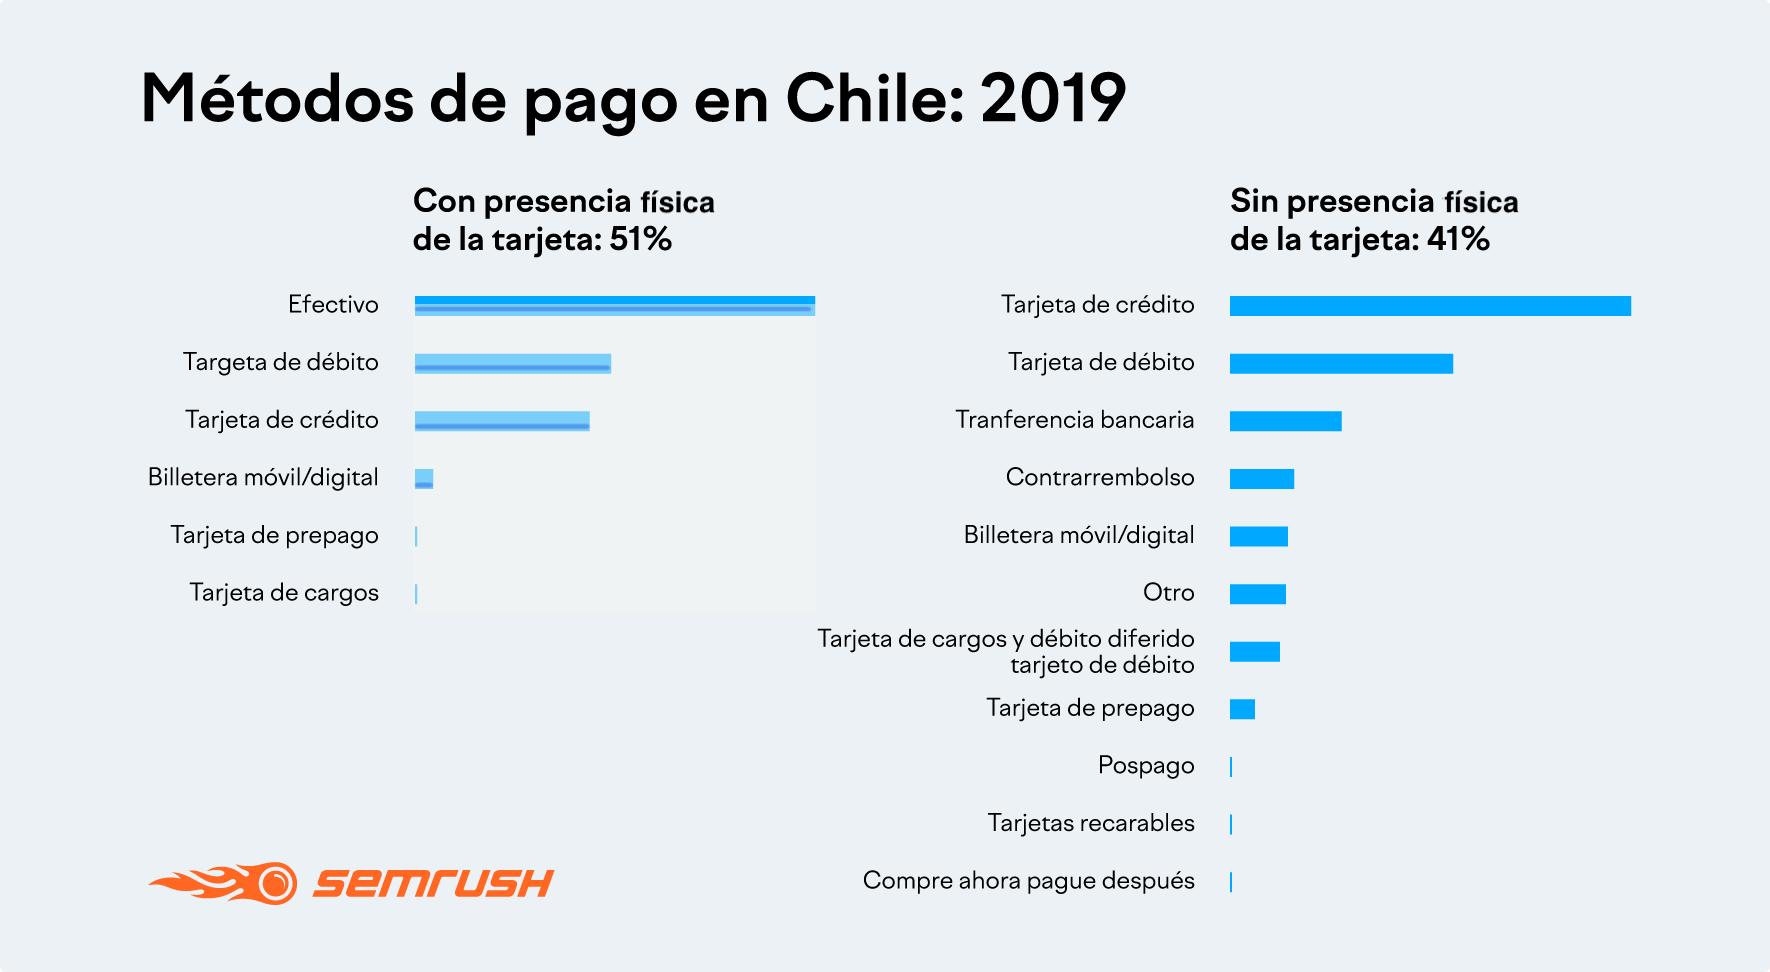 Métodos de pago en Chile